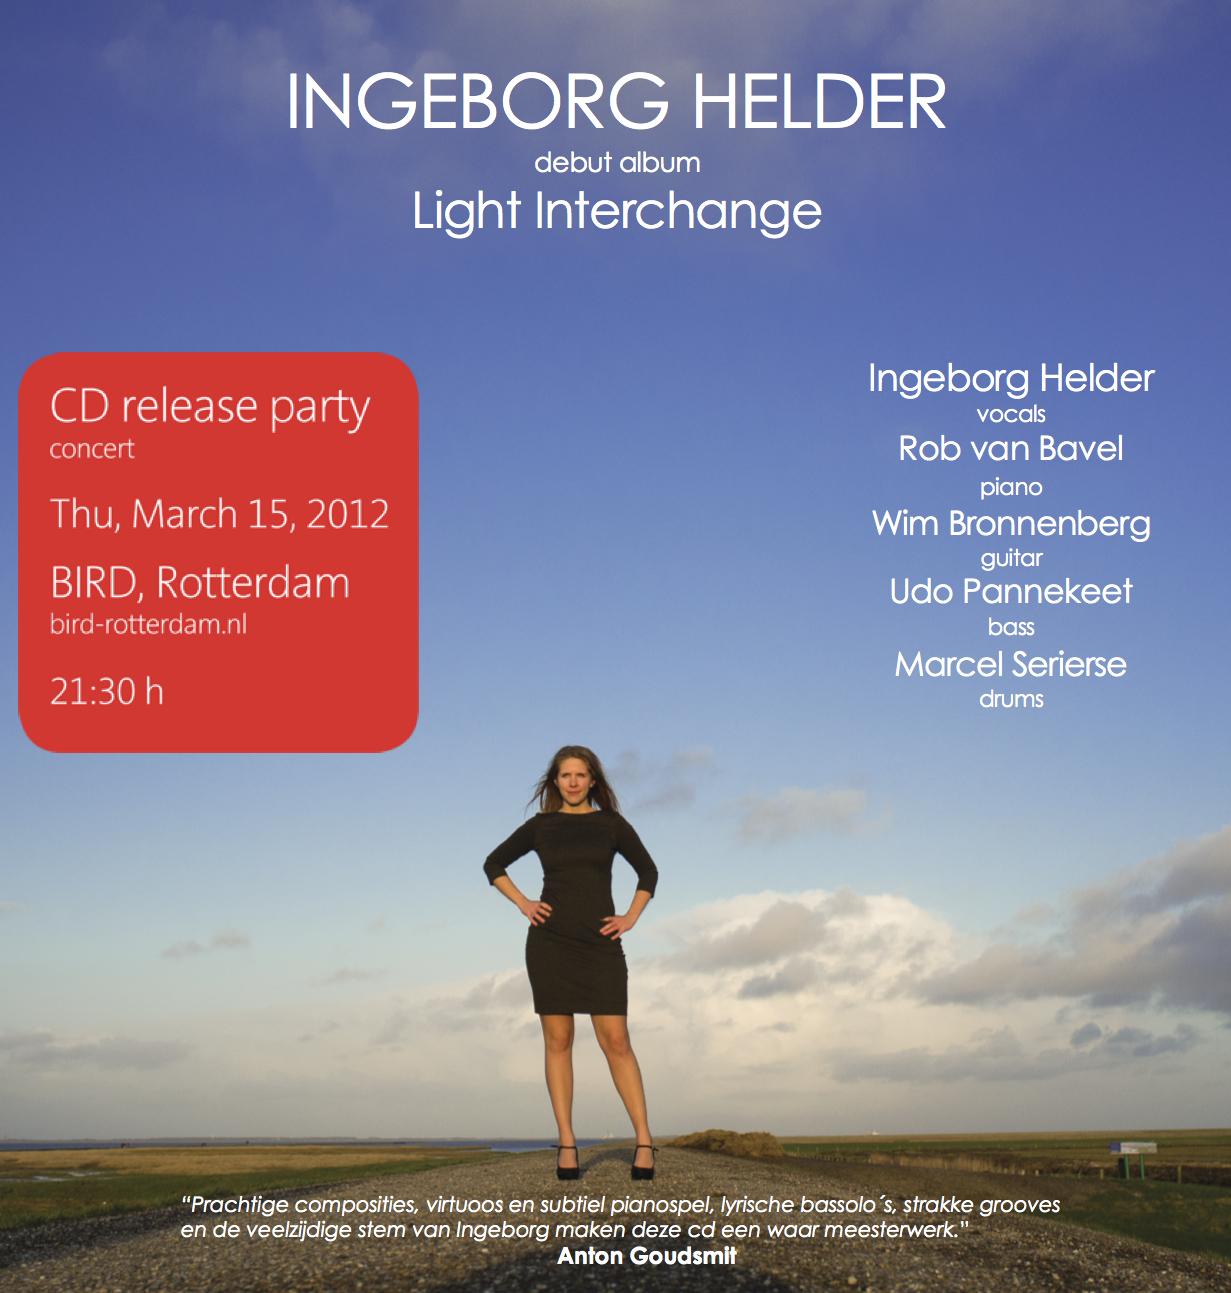 Ingeborg Helder